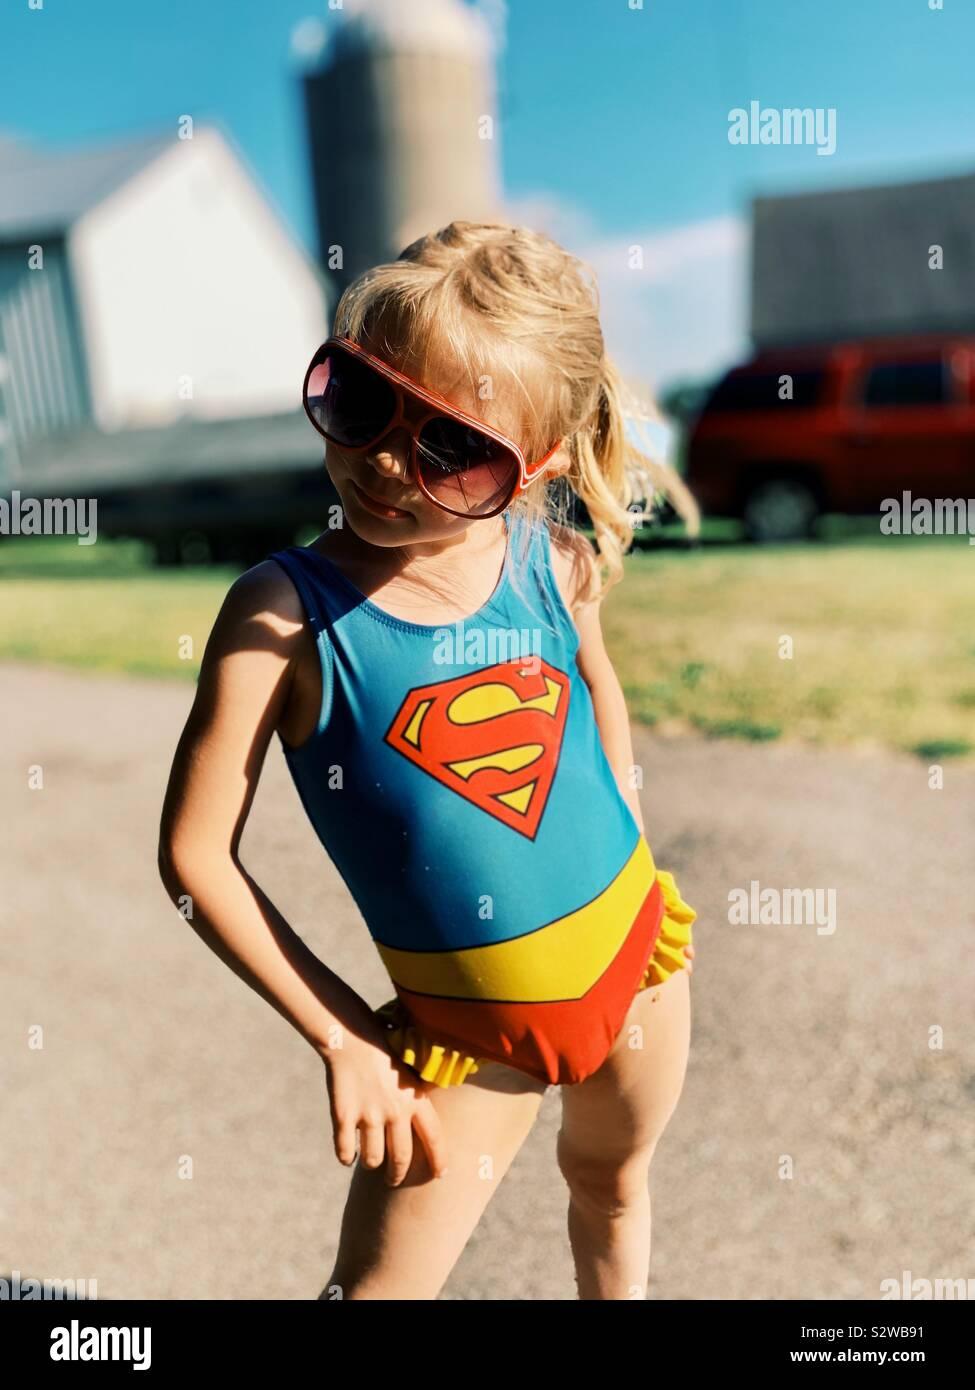 Giovane ragazza in rosso gli occhiali da sole e costume da bagno supergirl in posa con atteggiamento sassy Foto Stock